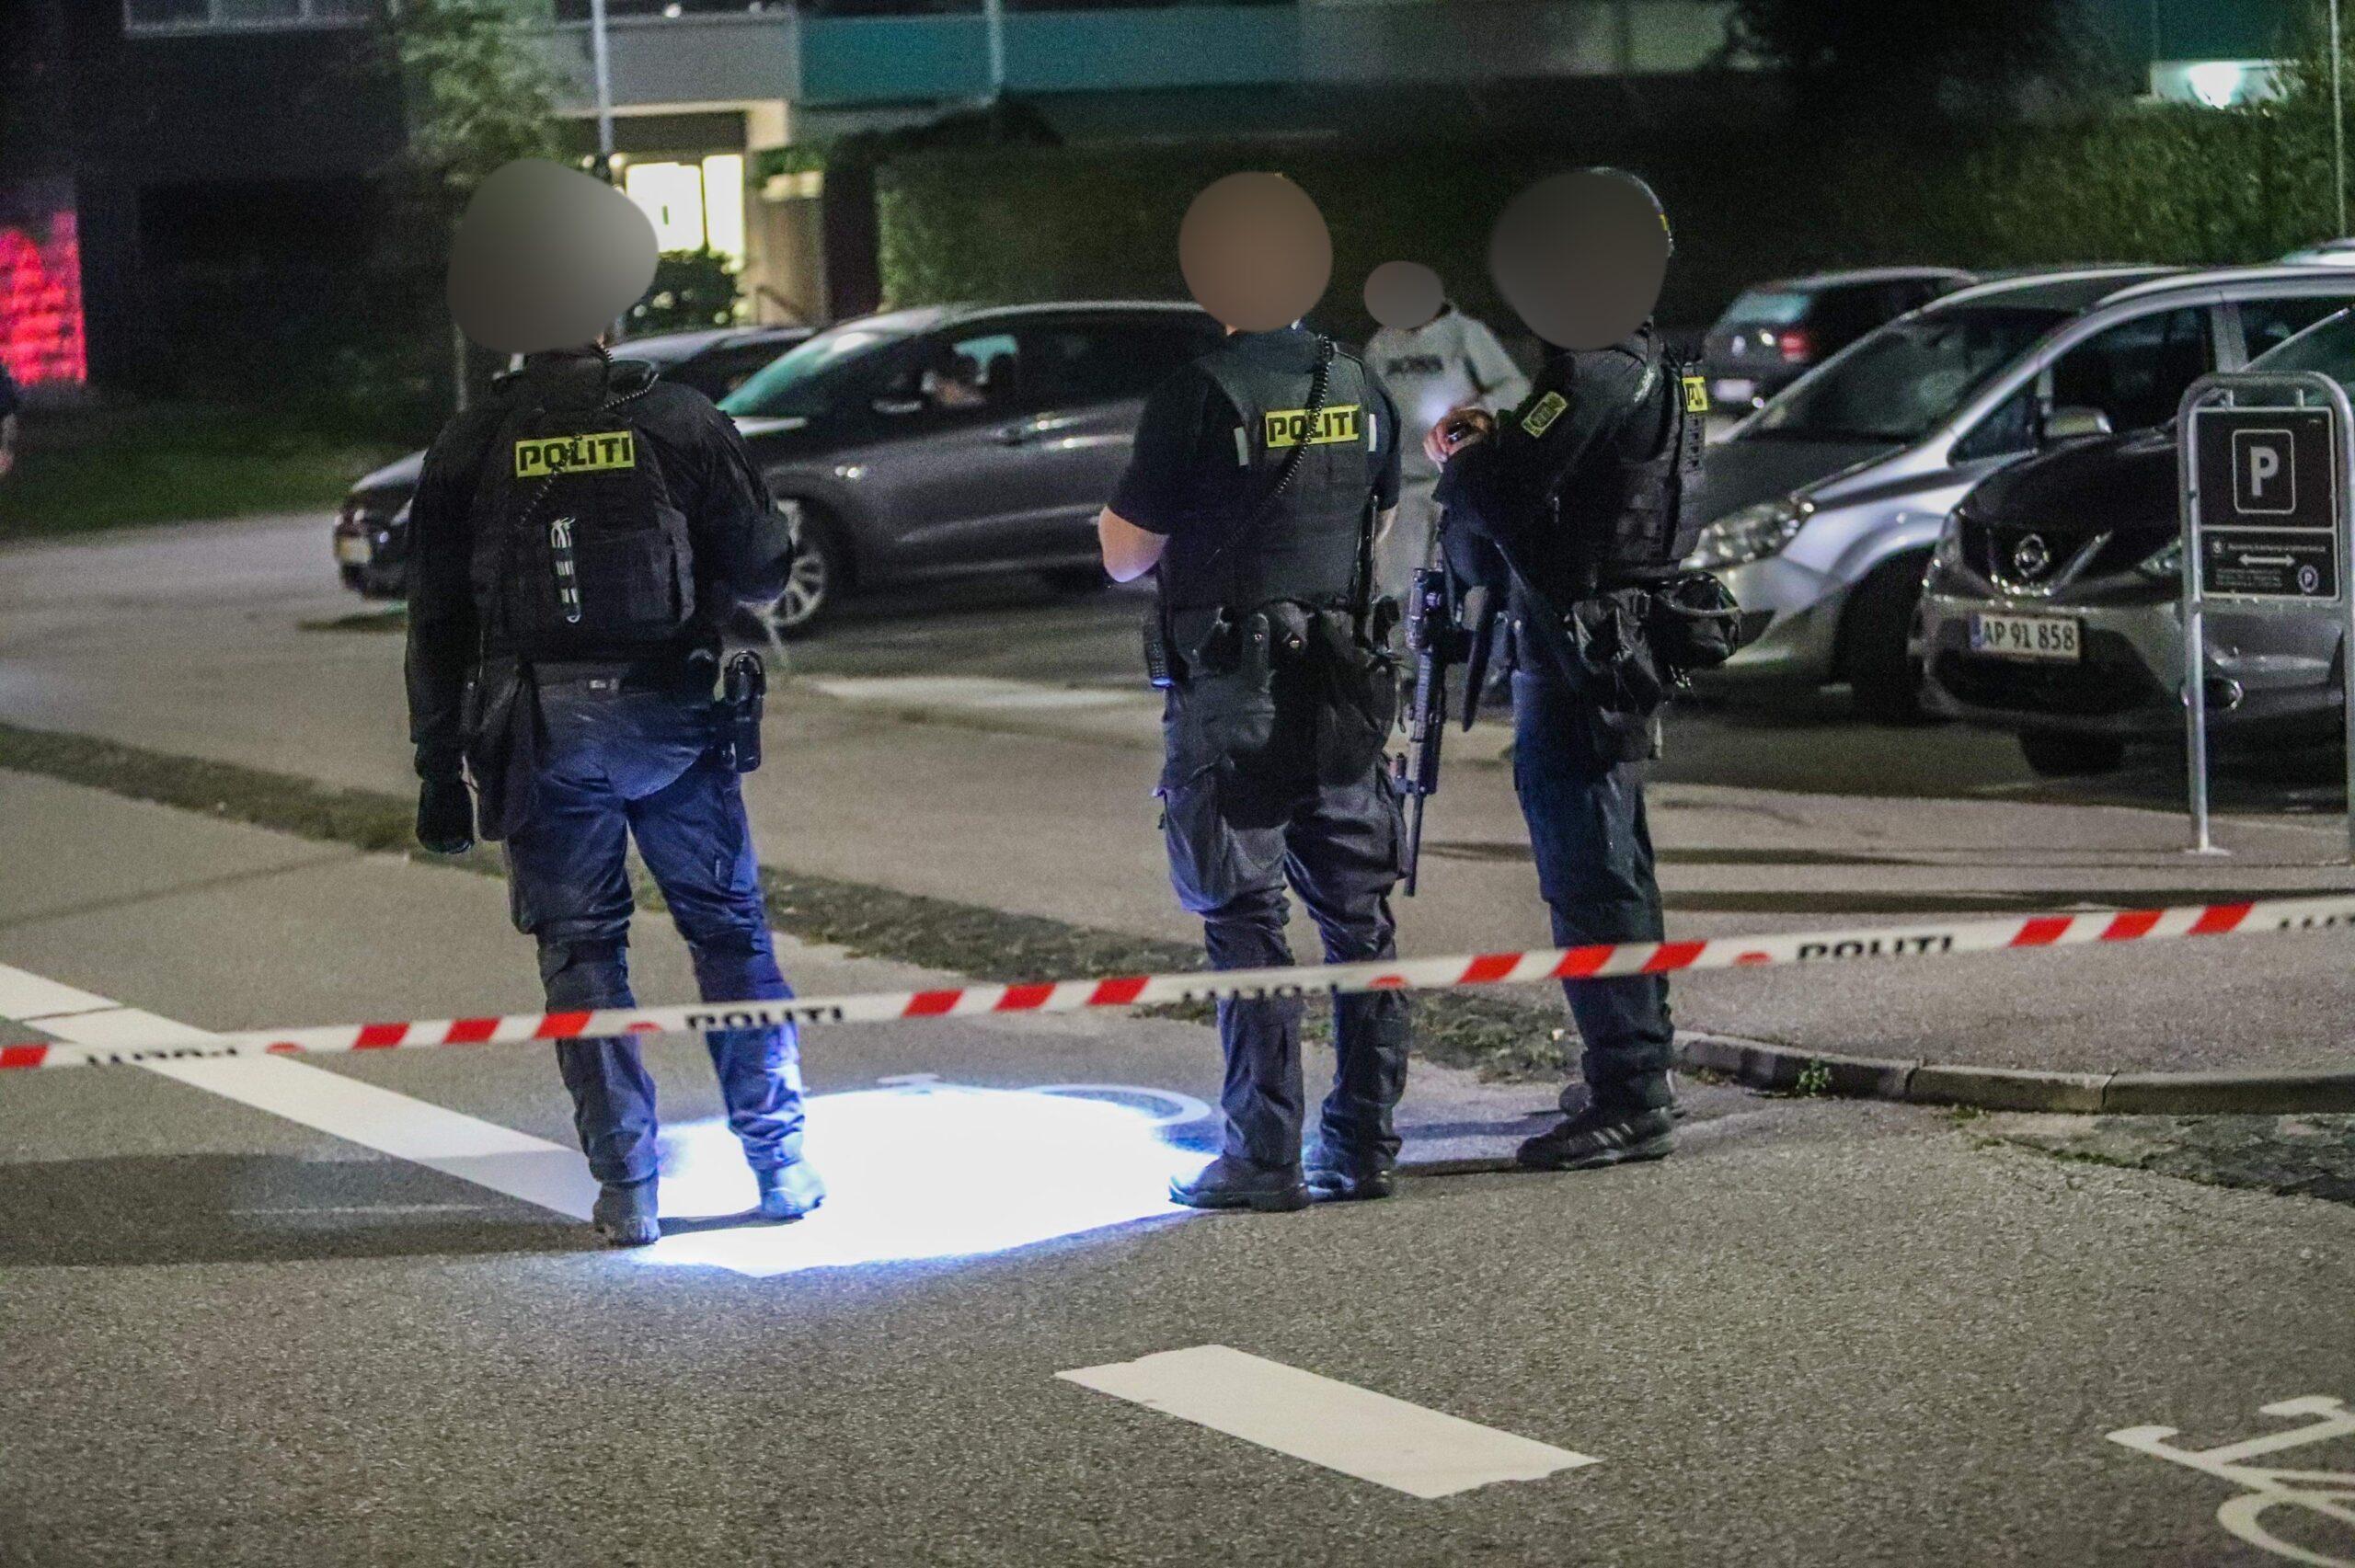 Skyderi i Brøndby - politiet talstærkt til stede